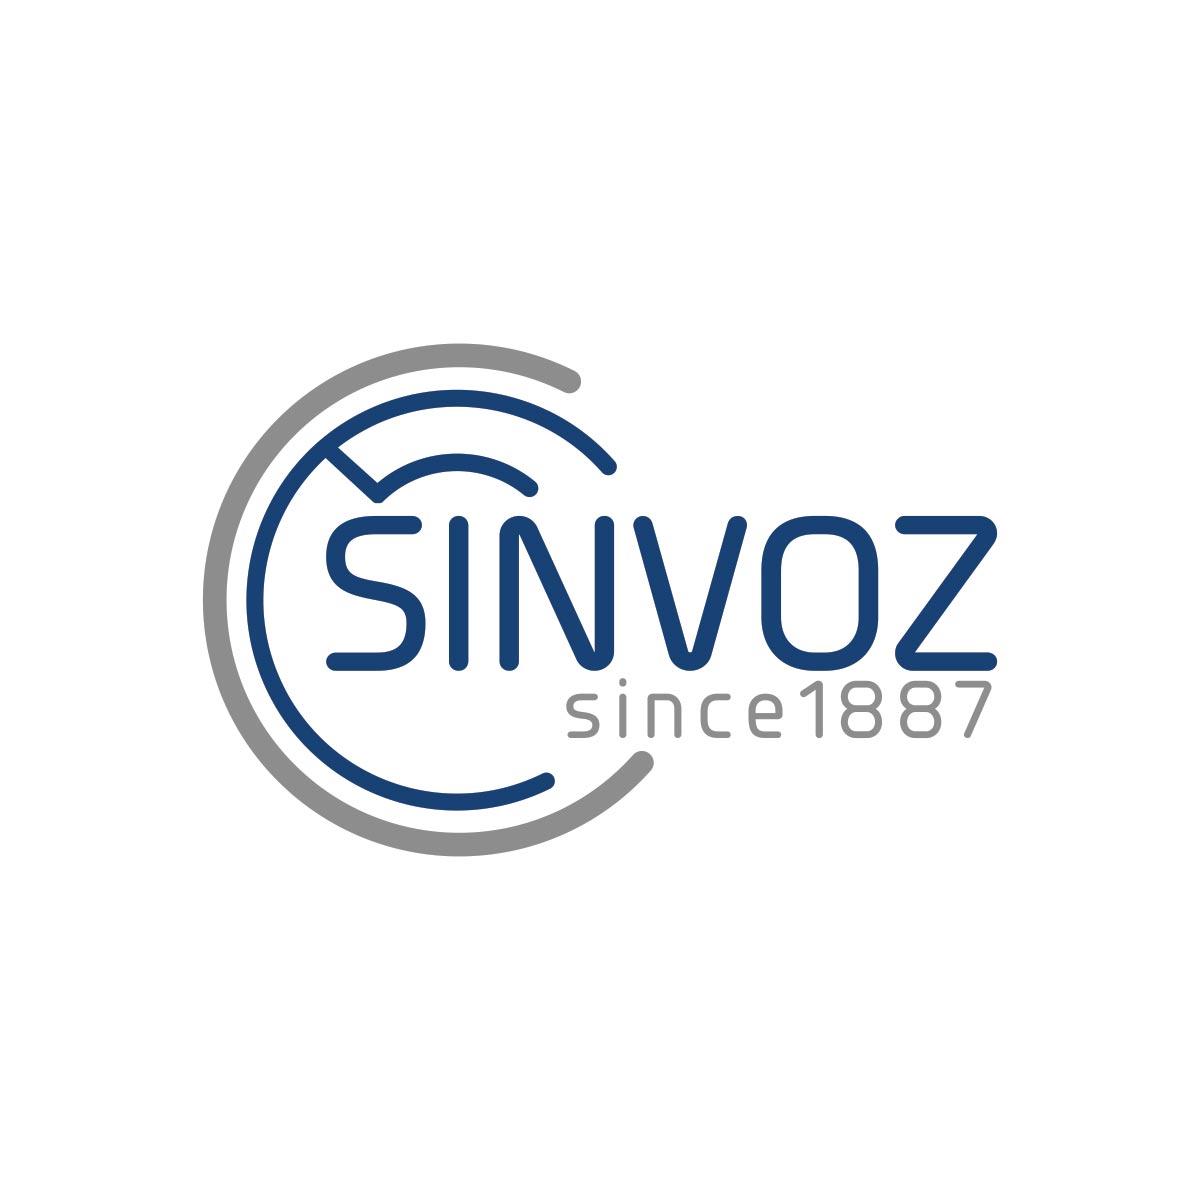 Šinvoz doo logo design